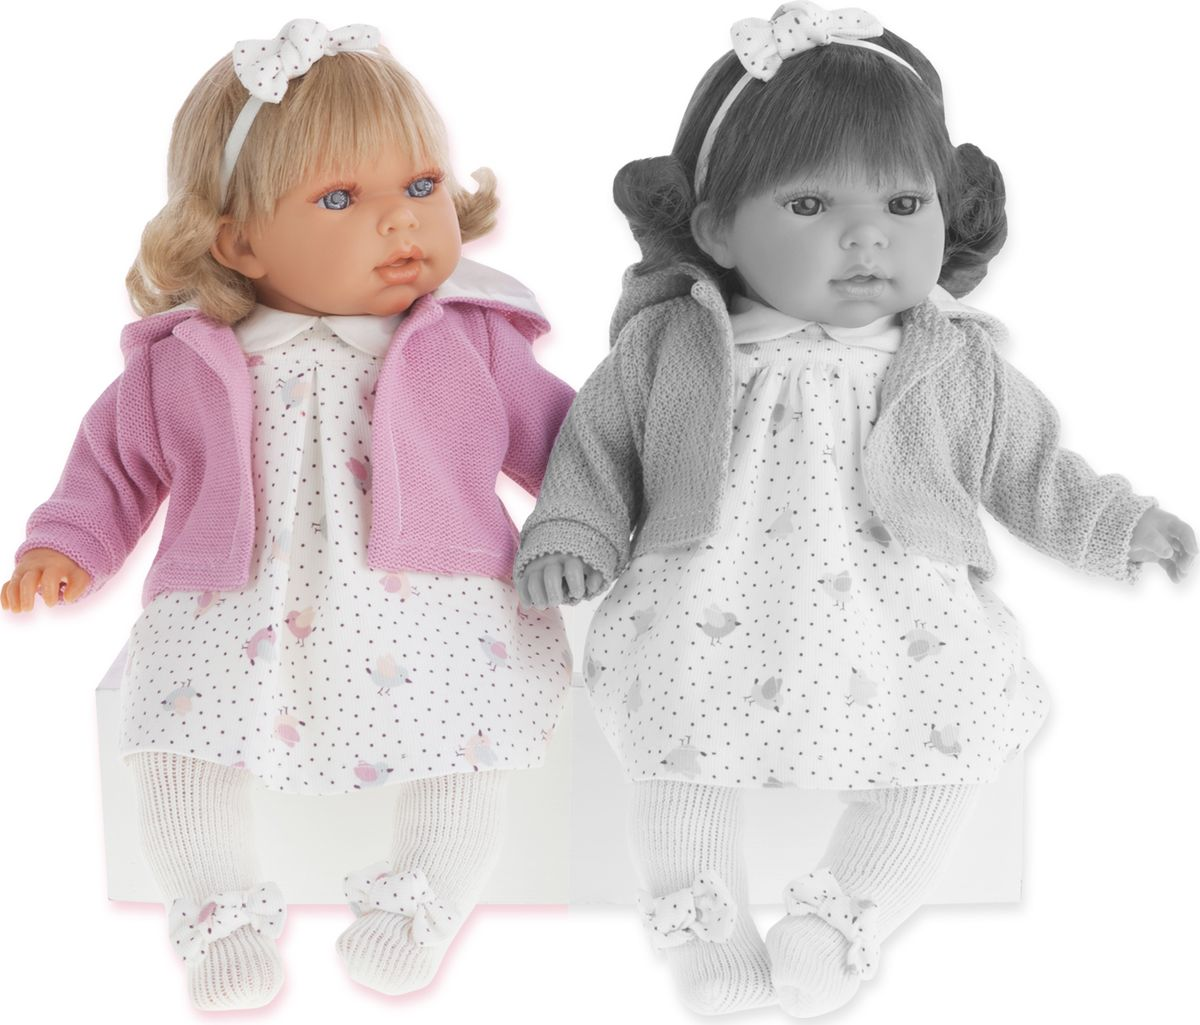 Juan Antonio Кукла озвученная Лорена цвет одежды розовый куклы и одежда для кукол весна озвученная кукла саша 1 42 см